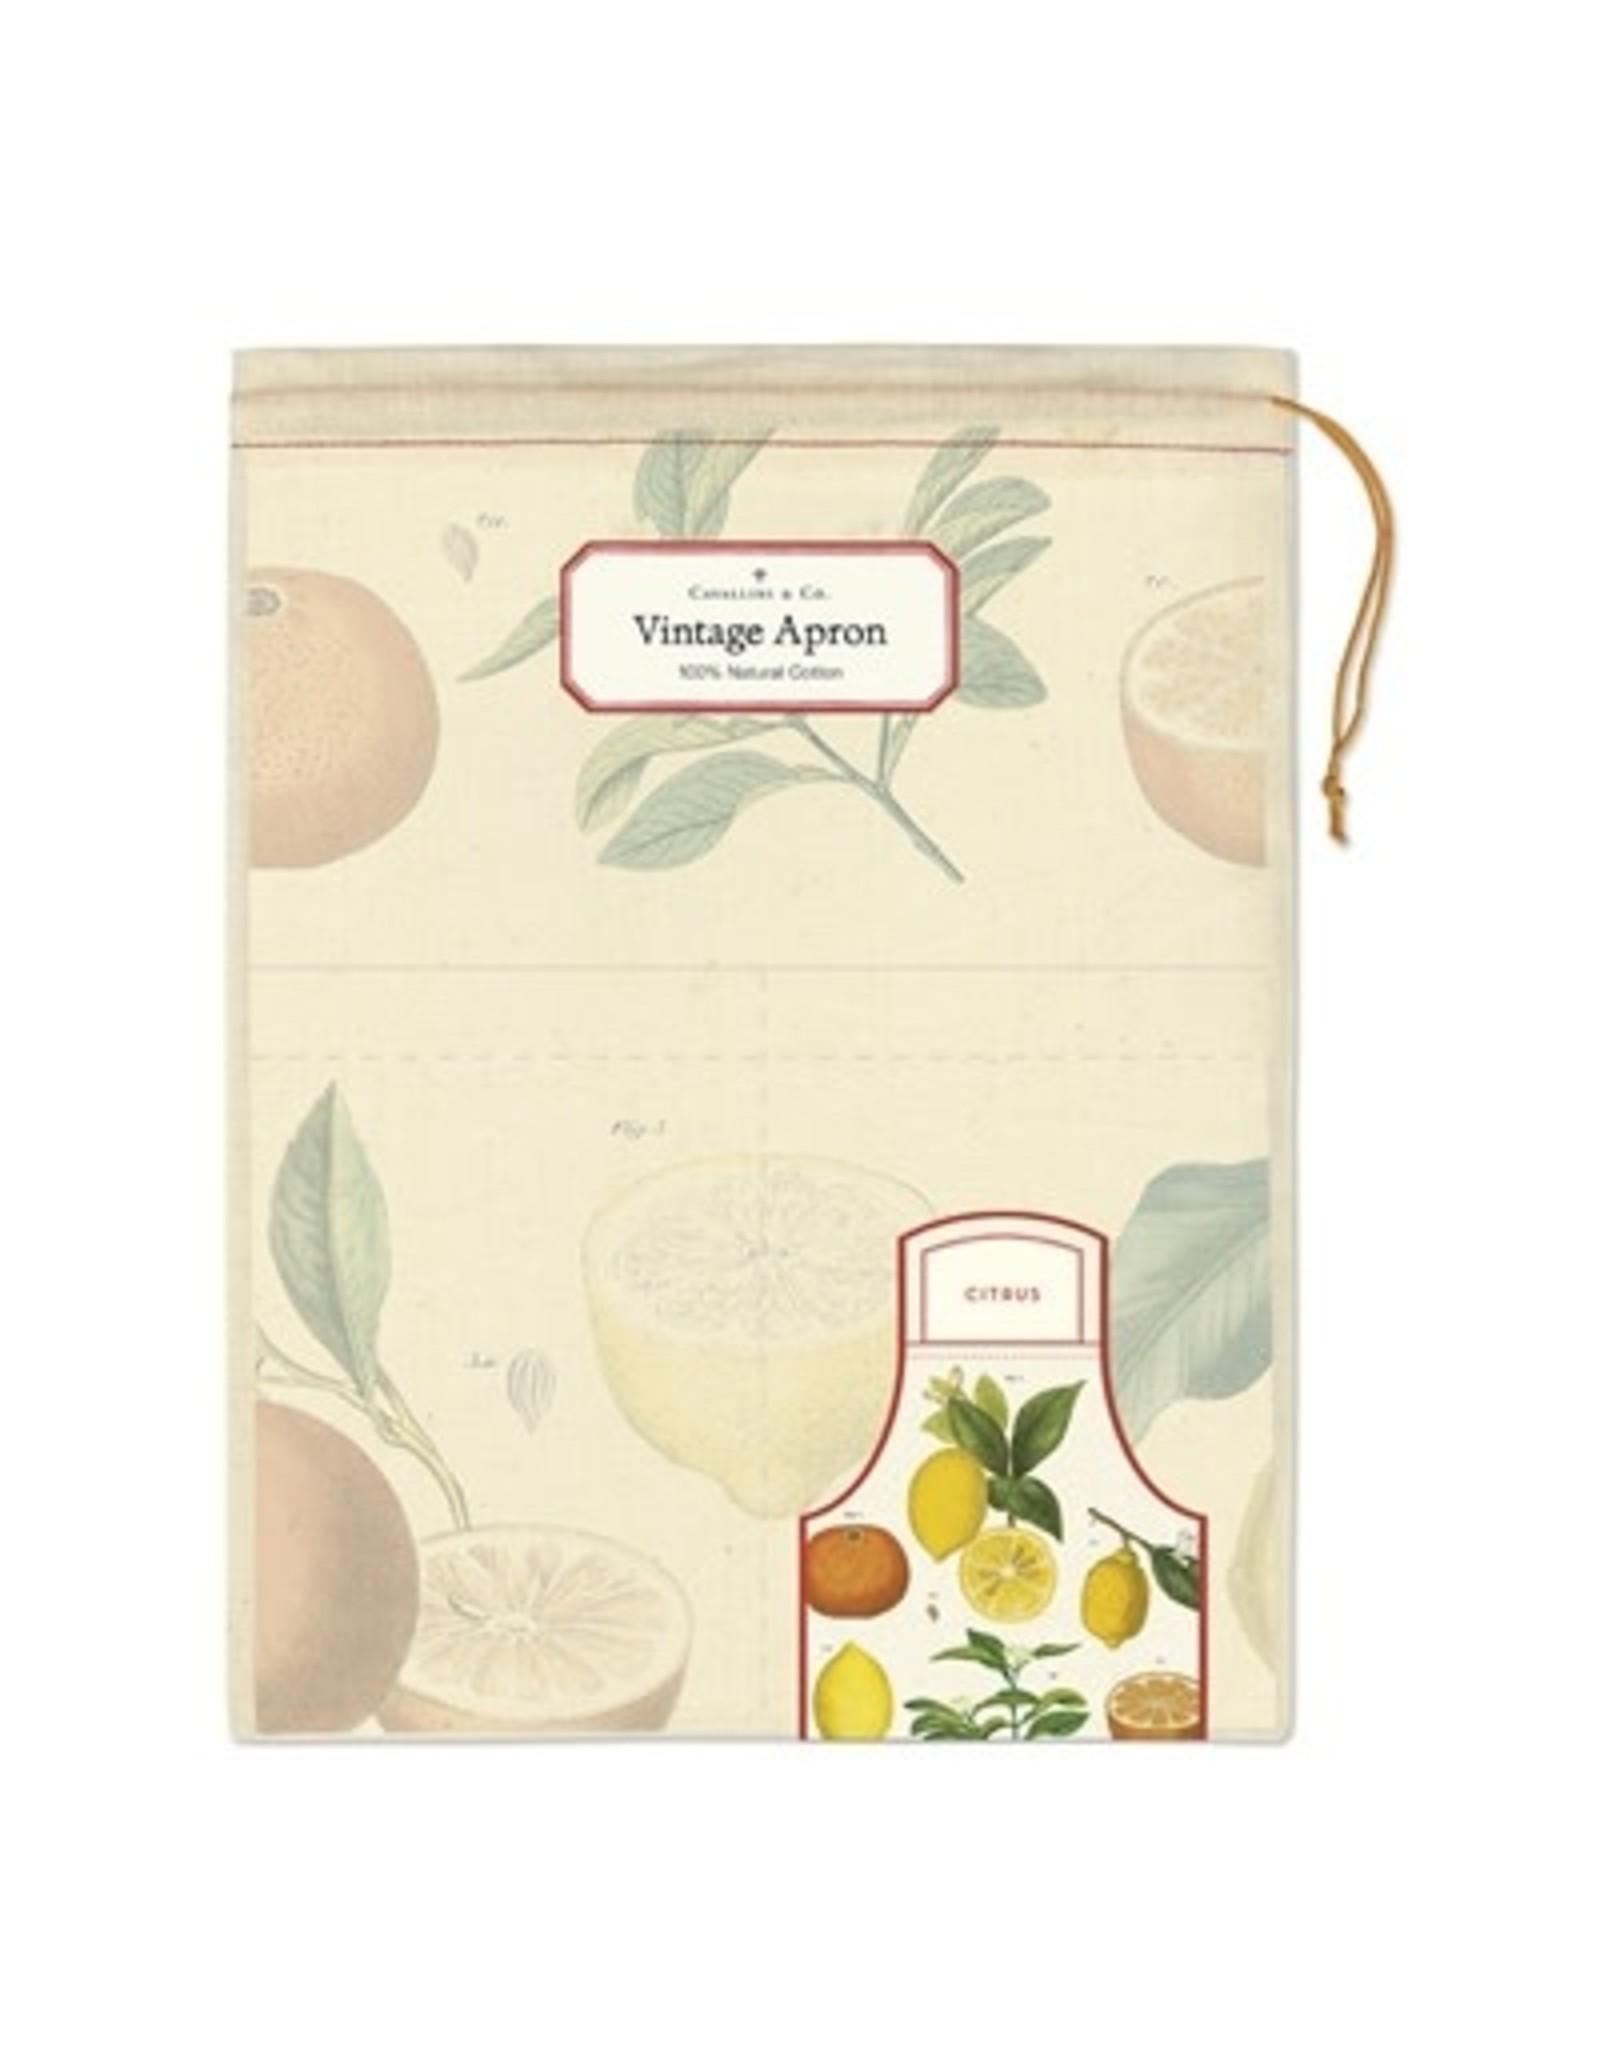 Cavallini Papers & Co. Citrus Vintage Apron